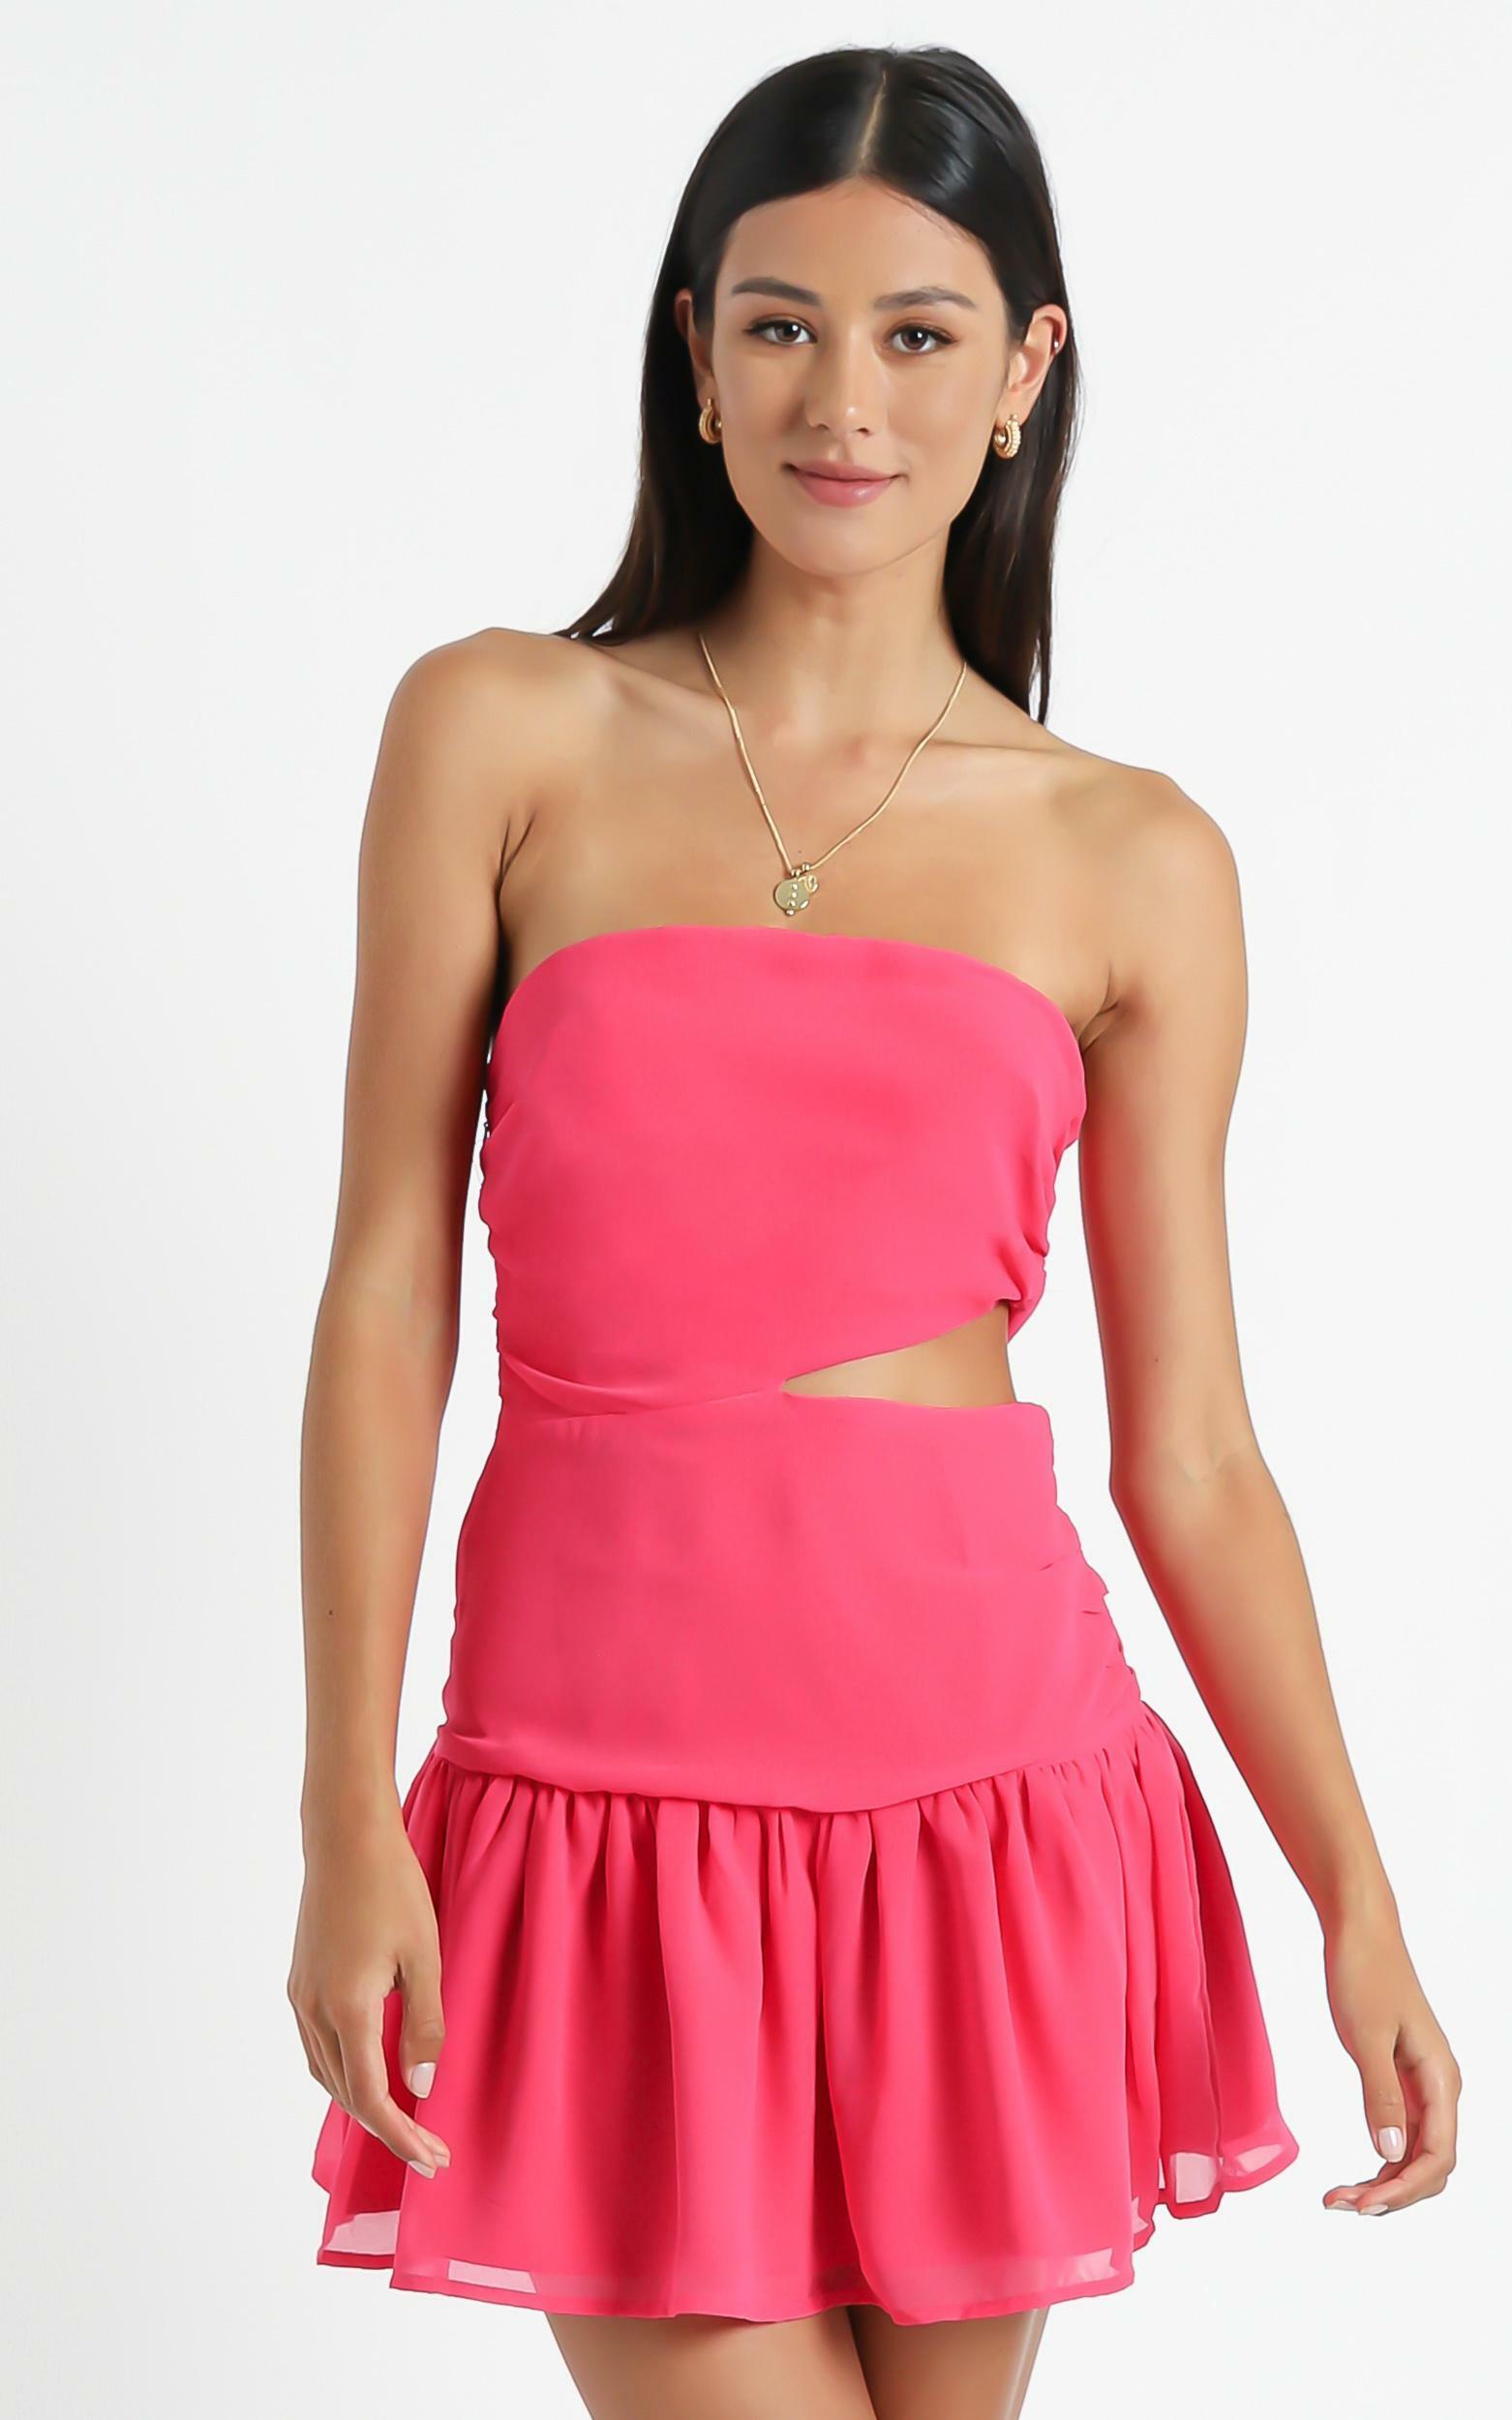 Sazerac Dress in Hot Pink - 14, PNK1, hi-res image number null